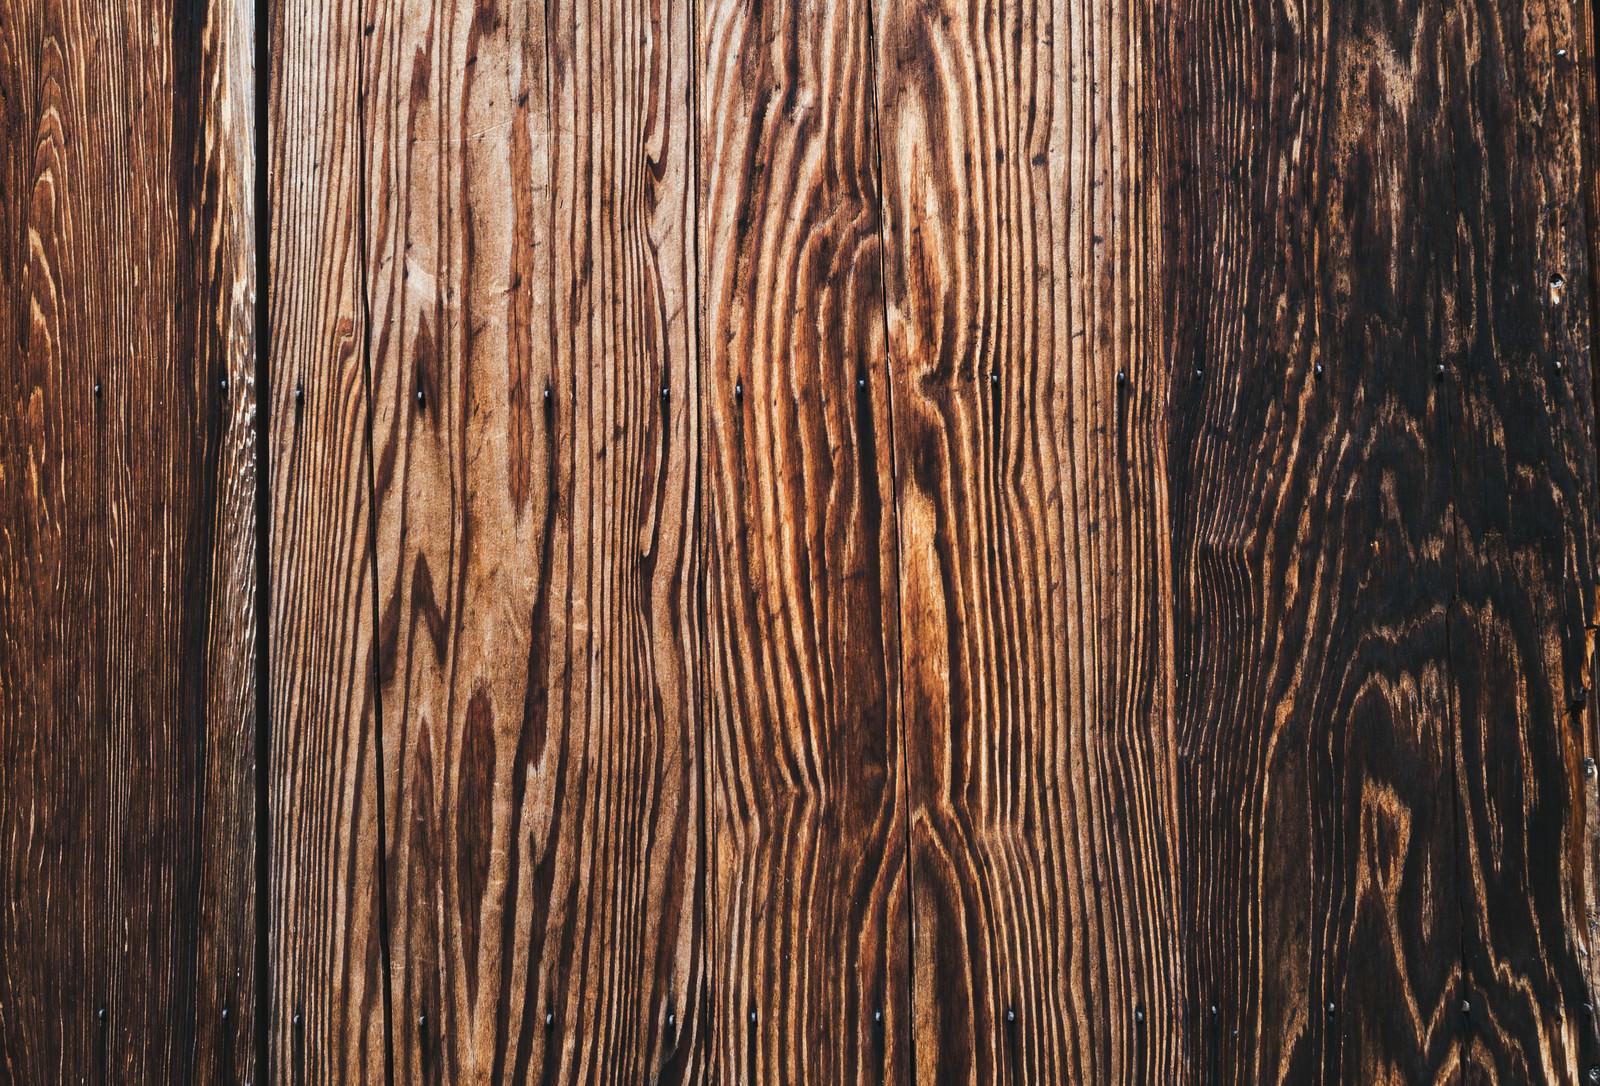 「木目のある板壁の継ぎ目(テクスチャ)」の写真